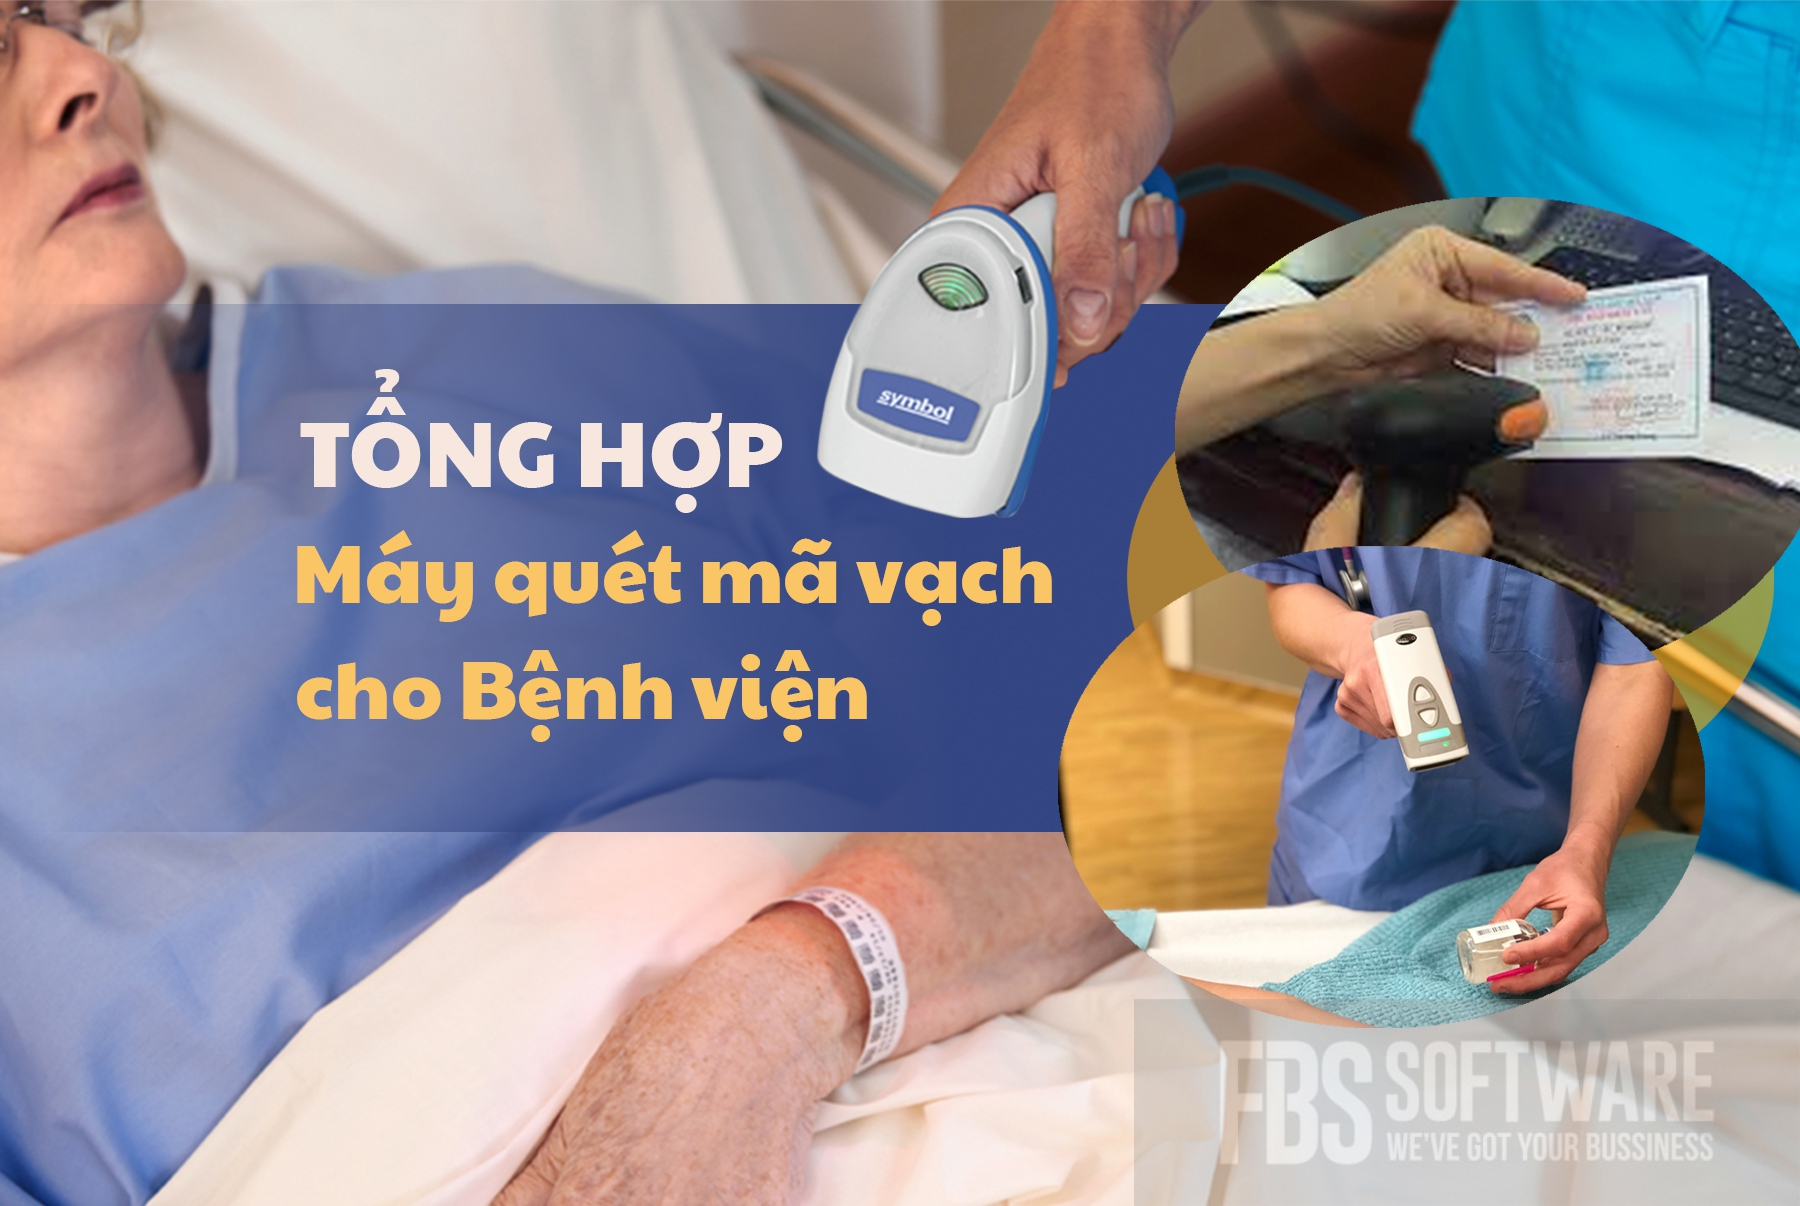 Tổng hợp Máy quét mã vạch cho bệnh viện FBS thietbibanle.com